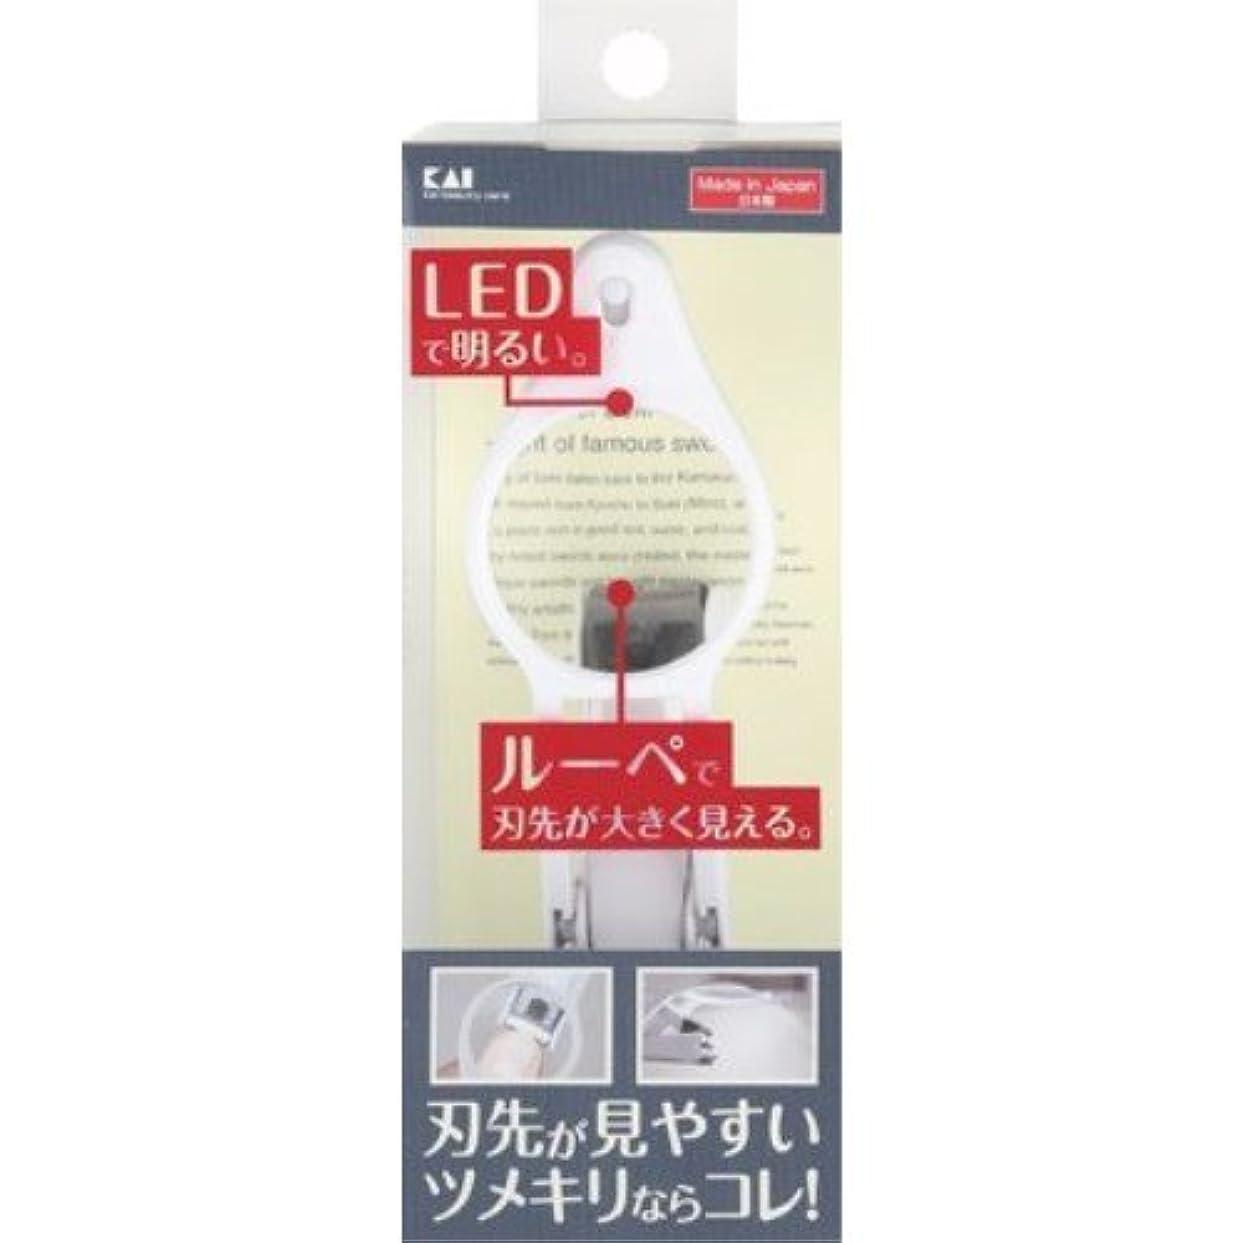 暗くする破壊的な風貝印 LEDルーペ付きツメキリ KQ0334